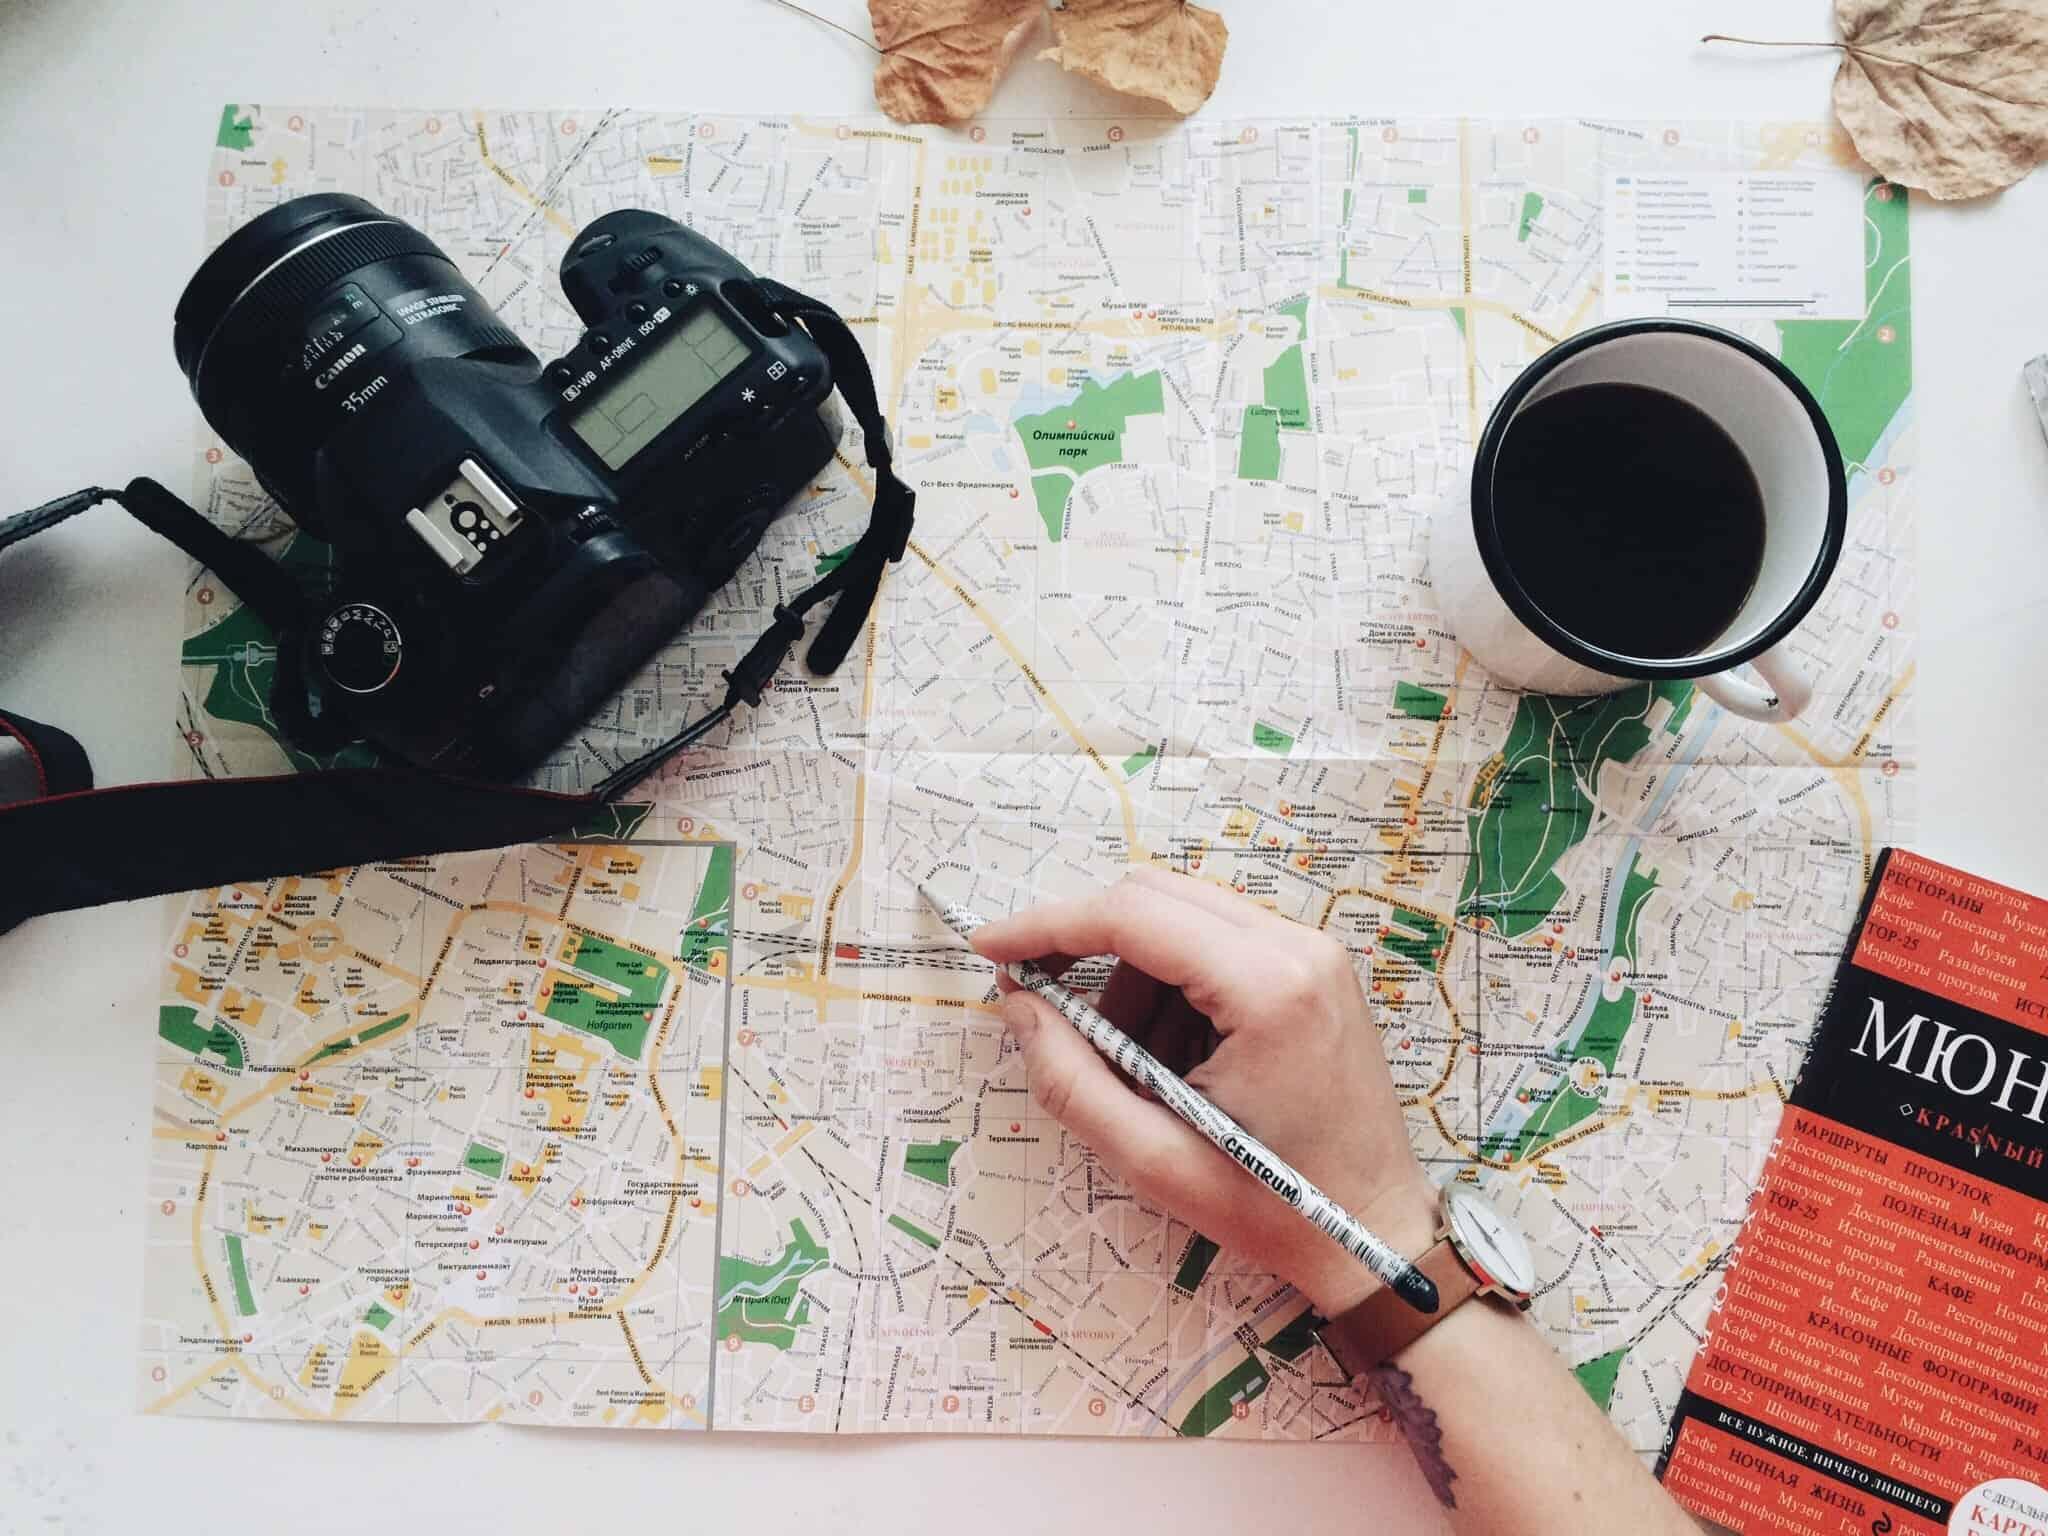 pessoa com um lapis a ver um mapa de uma cidade